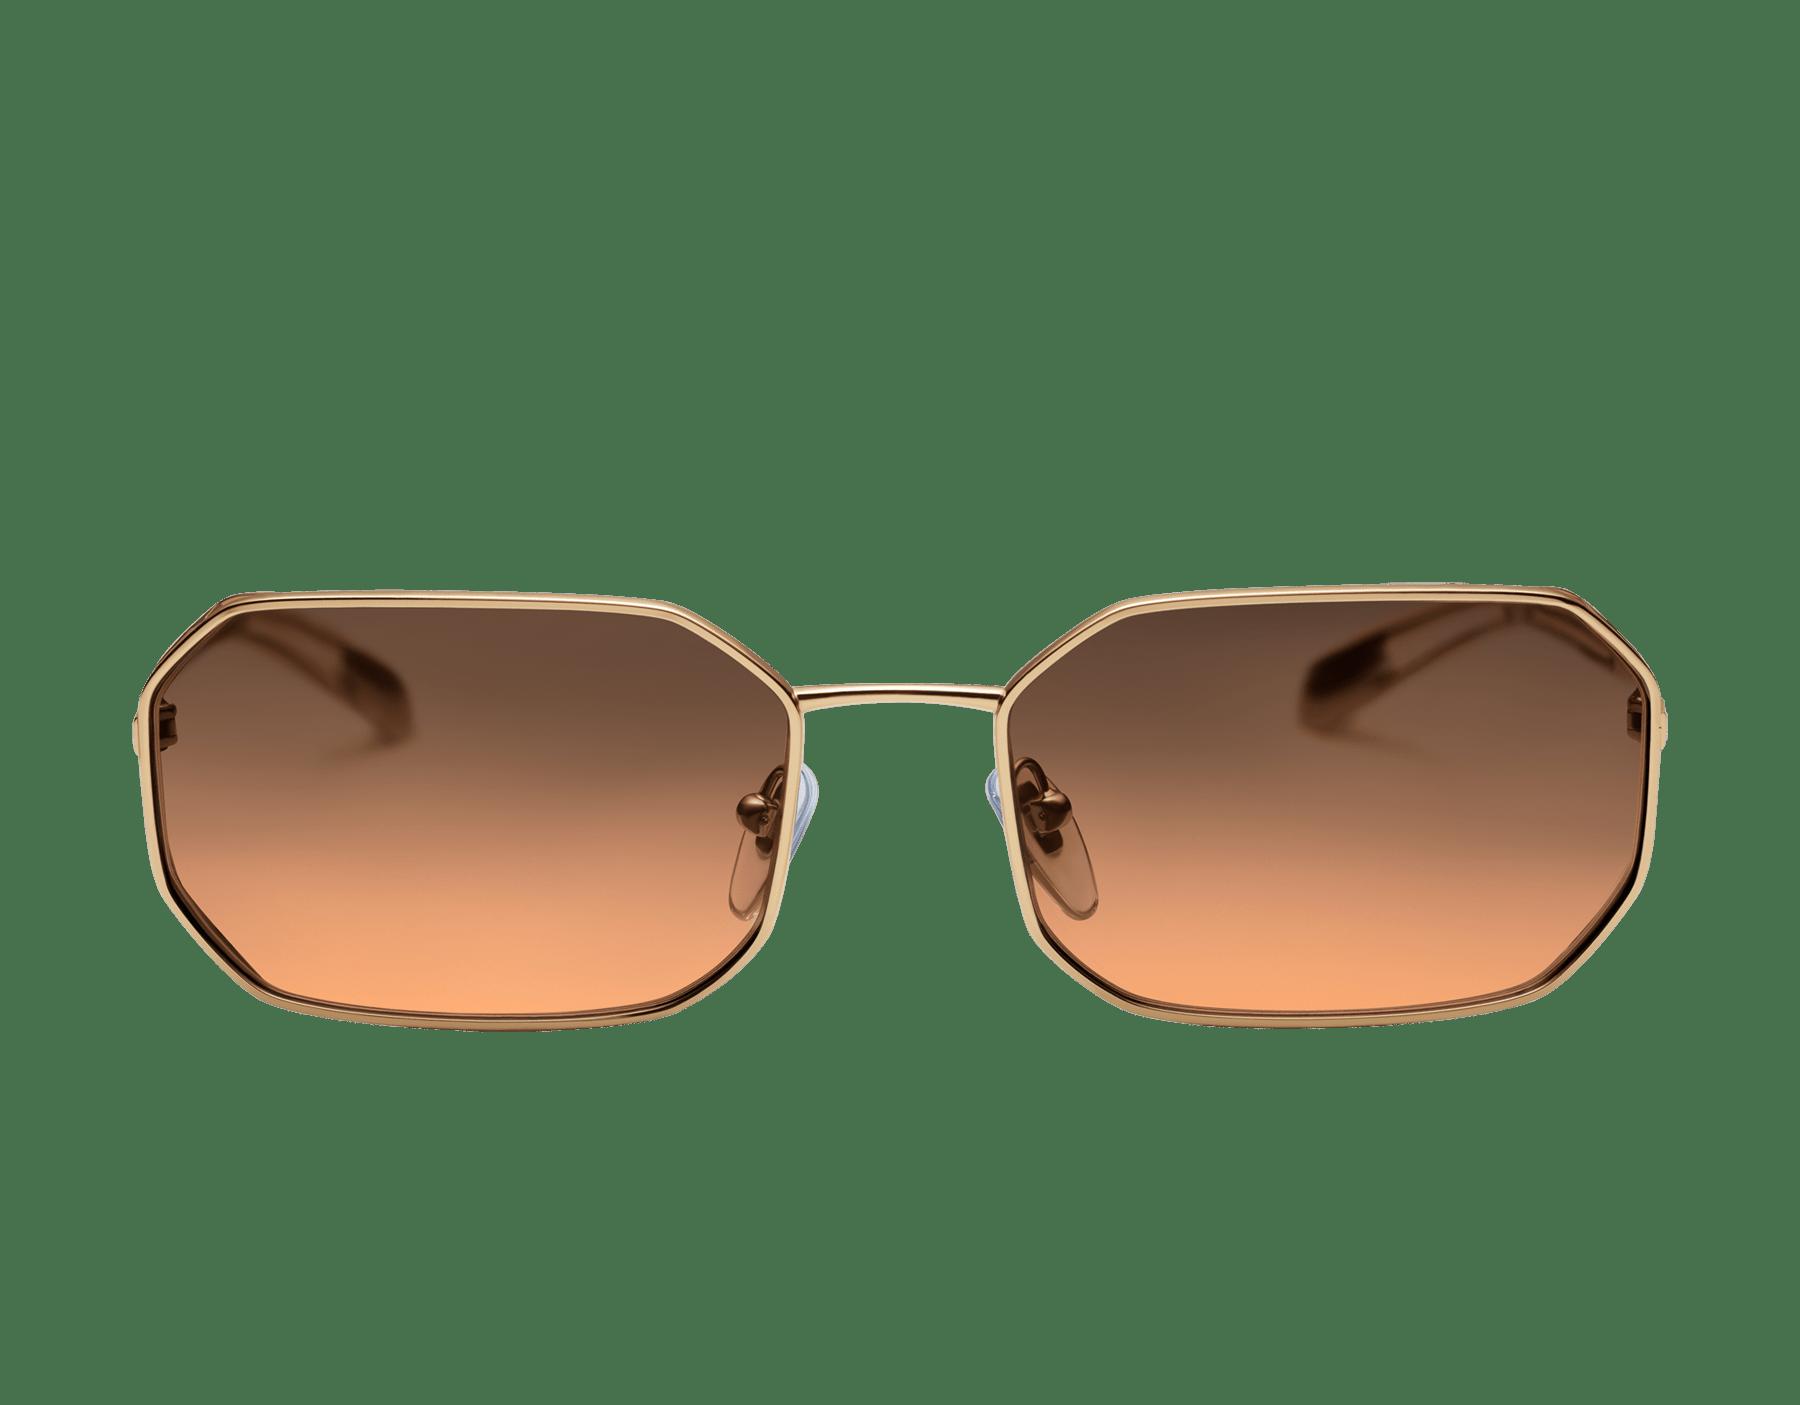 Lunettes de soleil aviateur rectangulaires Bvlgari Serpenti Narrowmation en métal. 903860 image 2